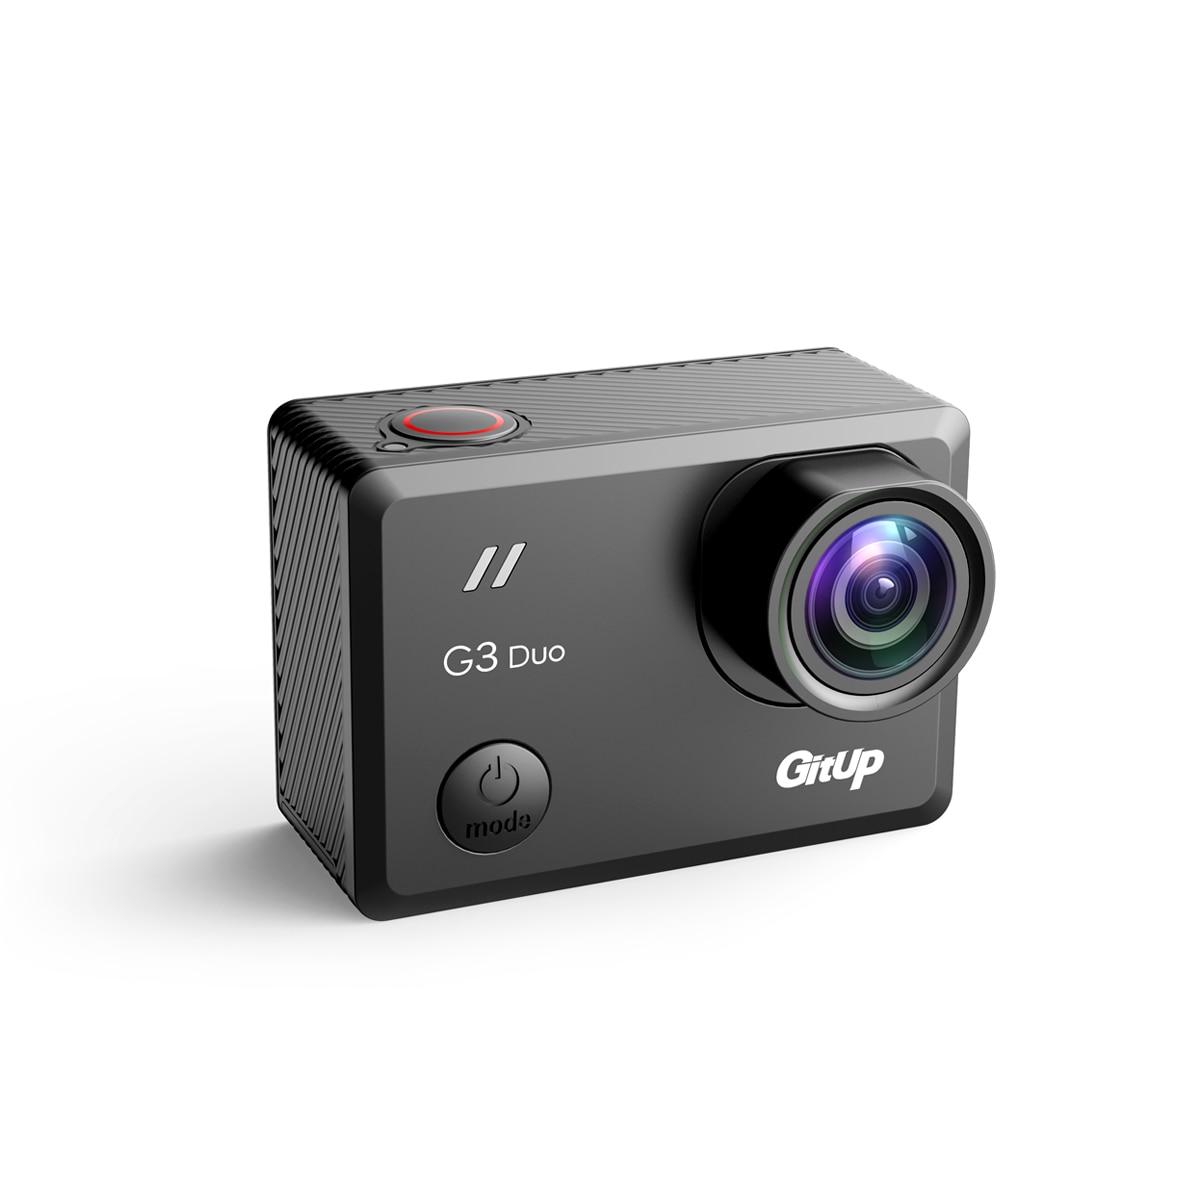 2018 Новый Gitup G3 Duo 2 К 12MP 2160 P Спорт действий Камера 2,0 Touch ЖК дисплей Экран гироскопа 170 градусов Портативный камеры дополнительно gps раб